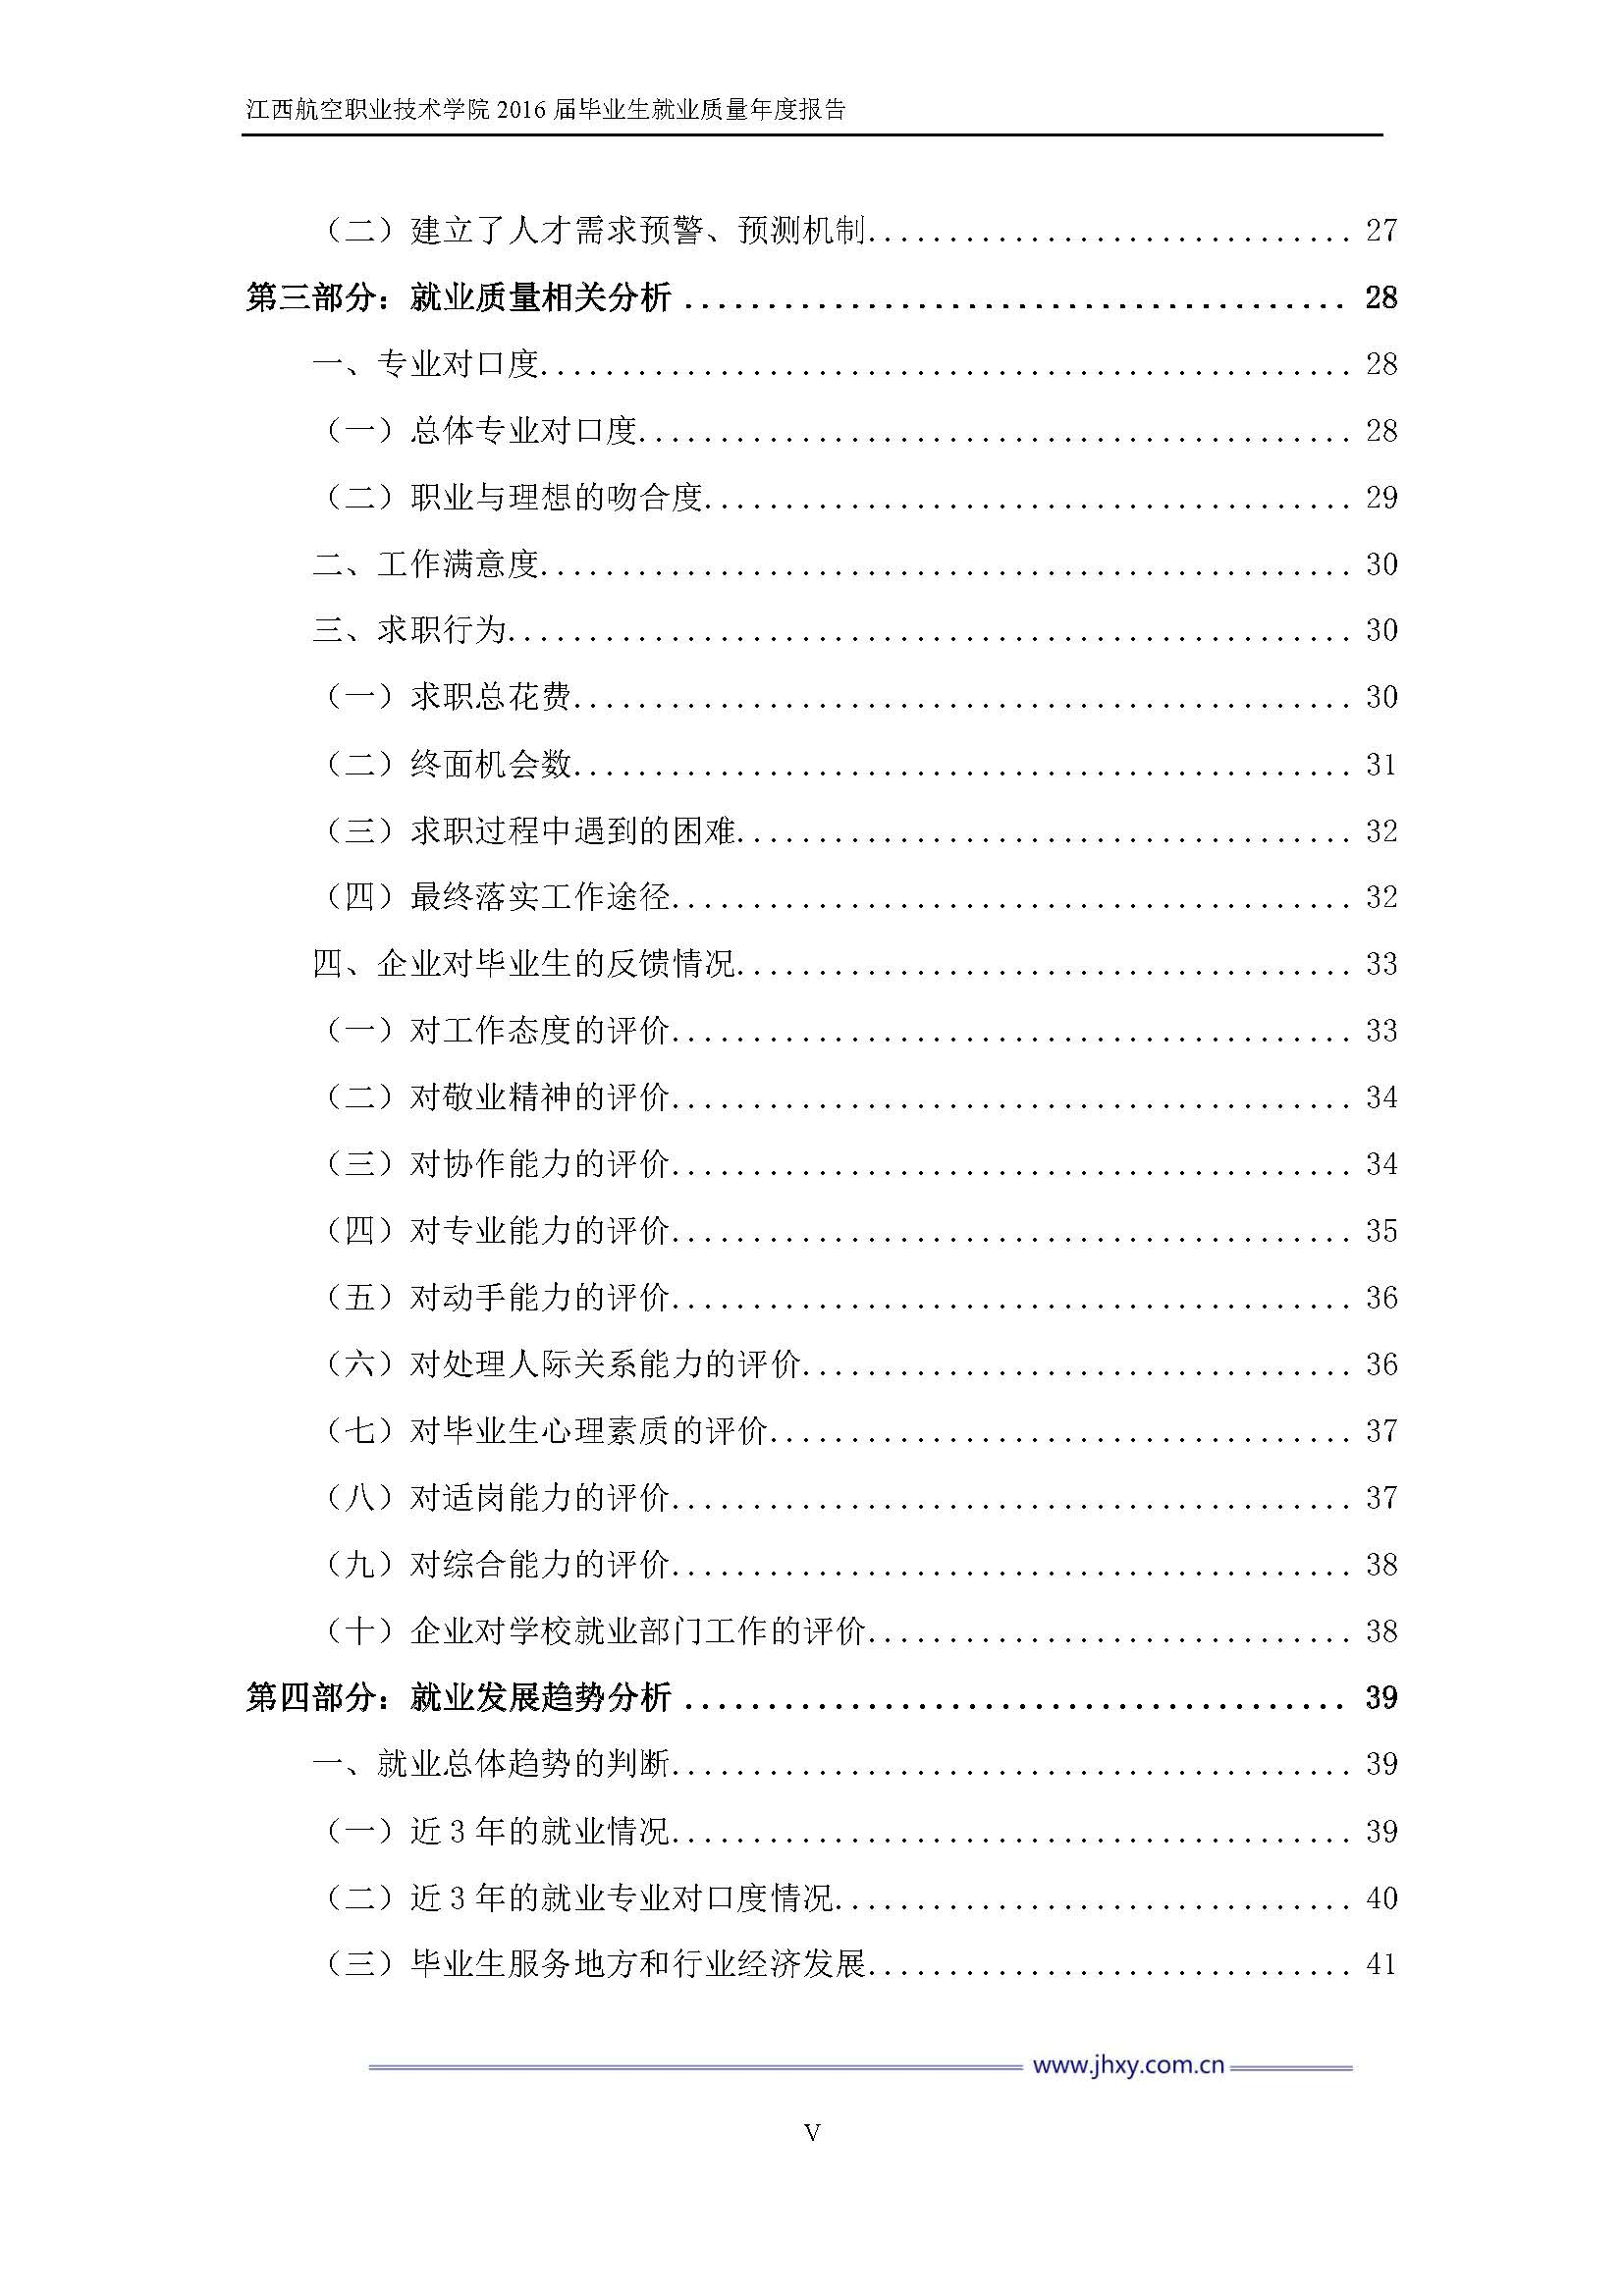 江西航空职业技术学院2016届毕业生就业质量年度报告_Page_06.jpg